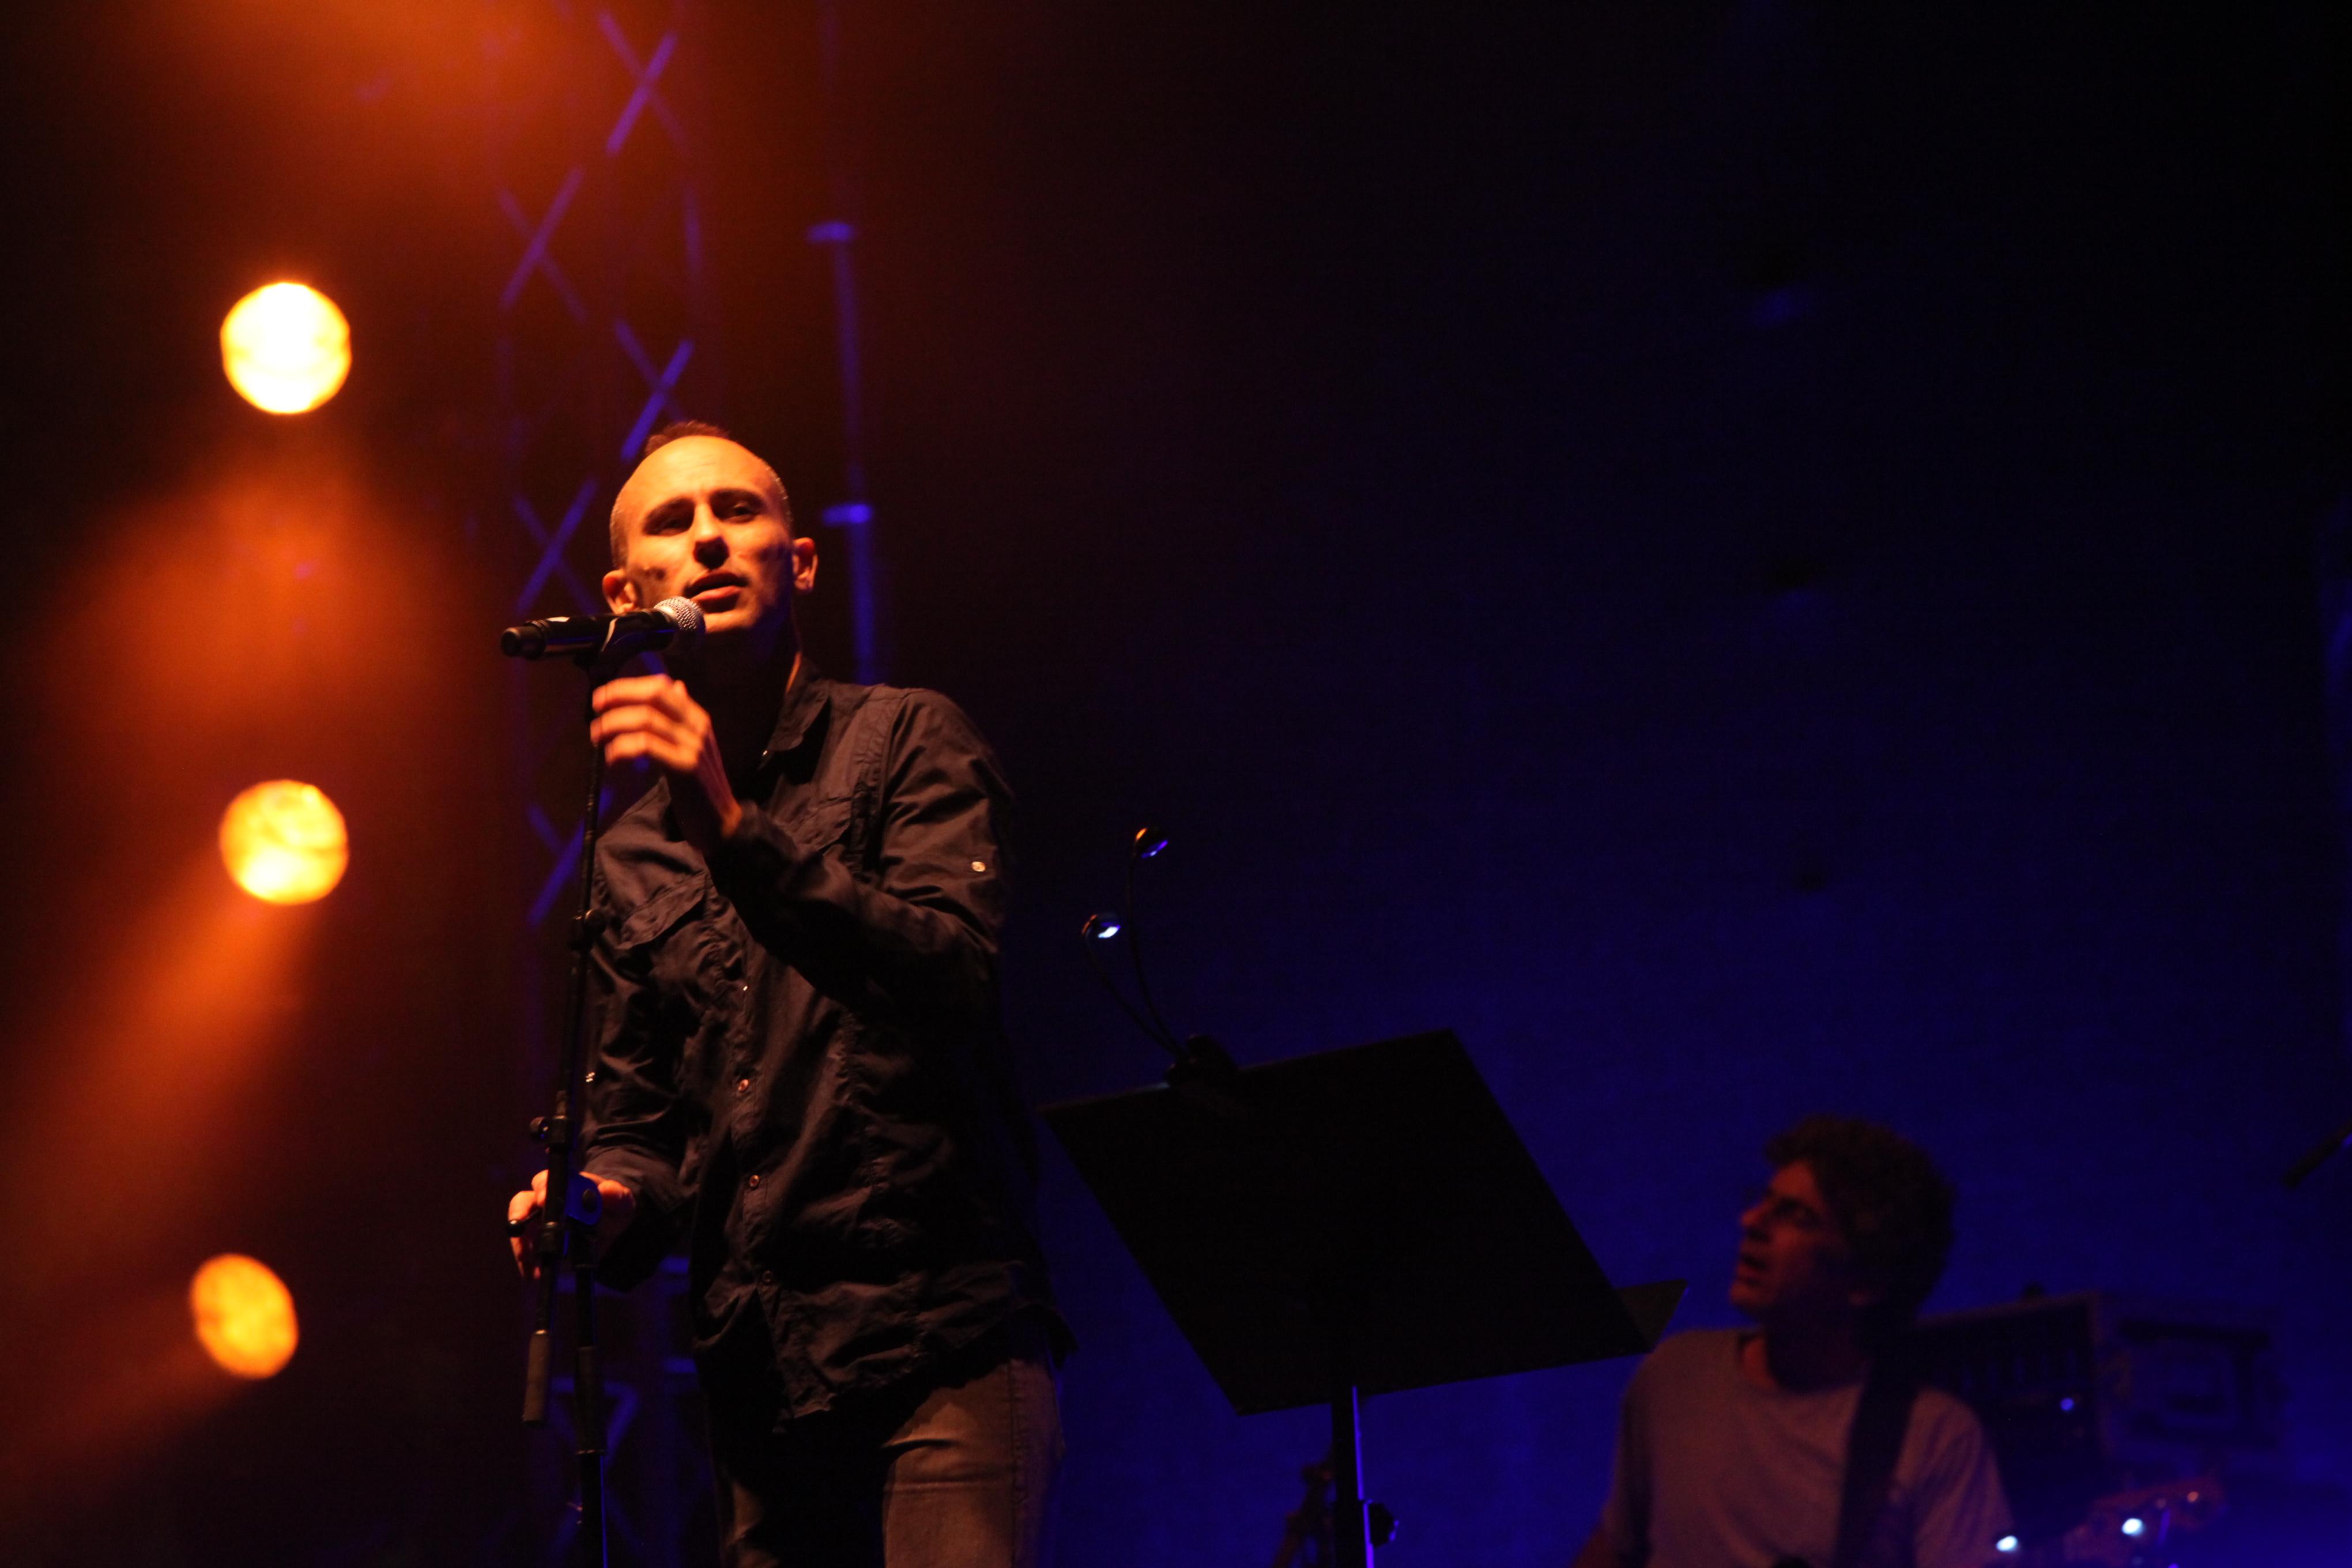 צילום הופעות